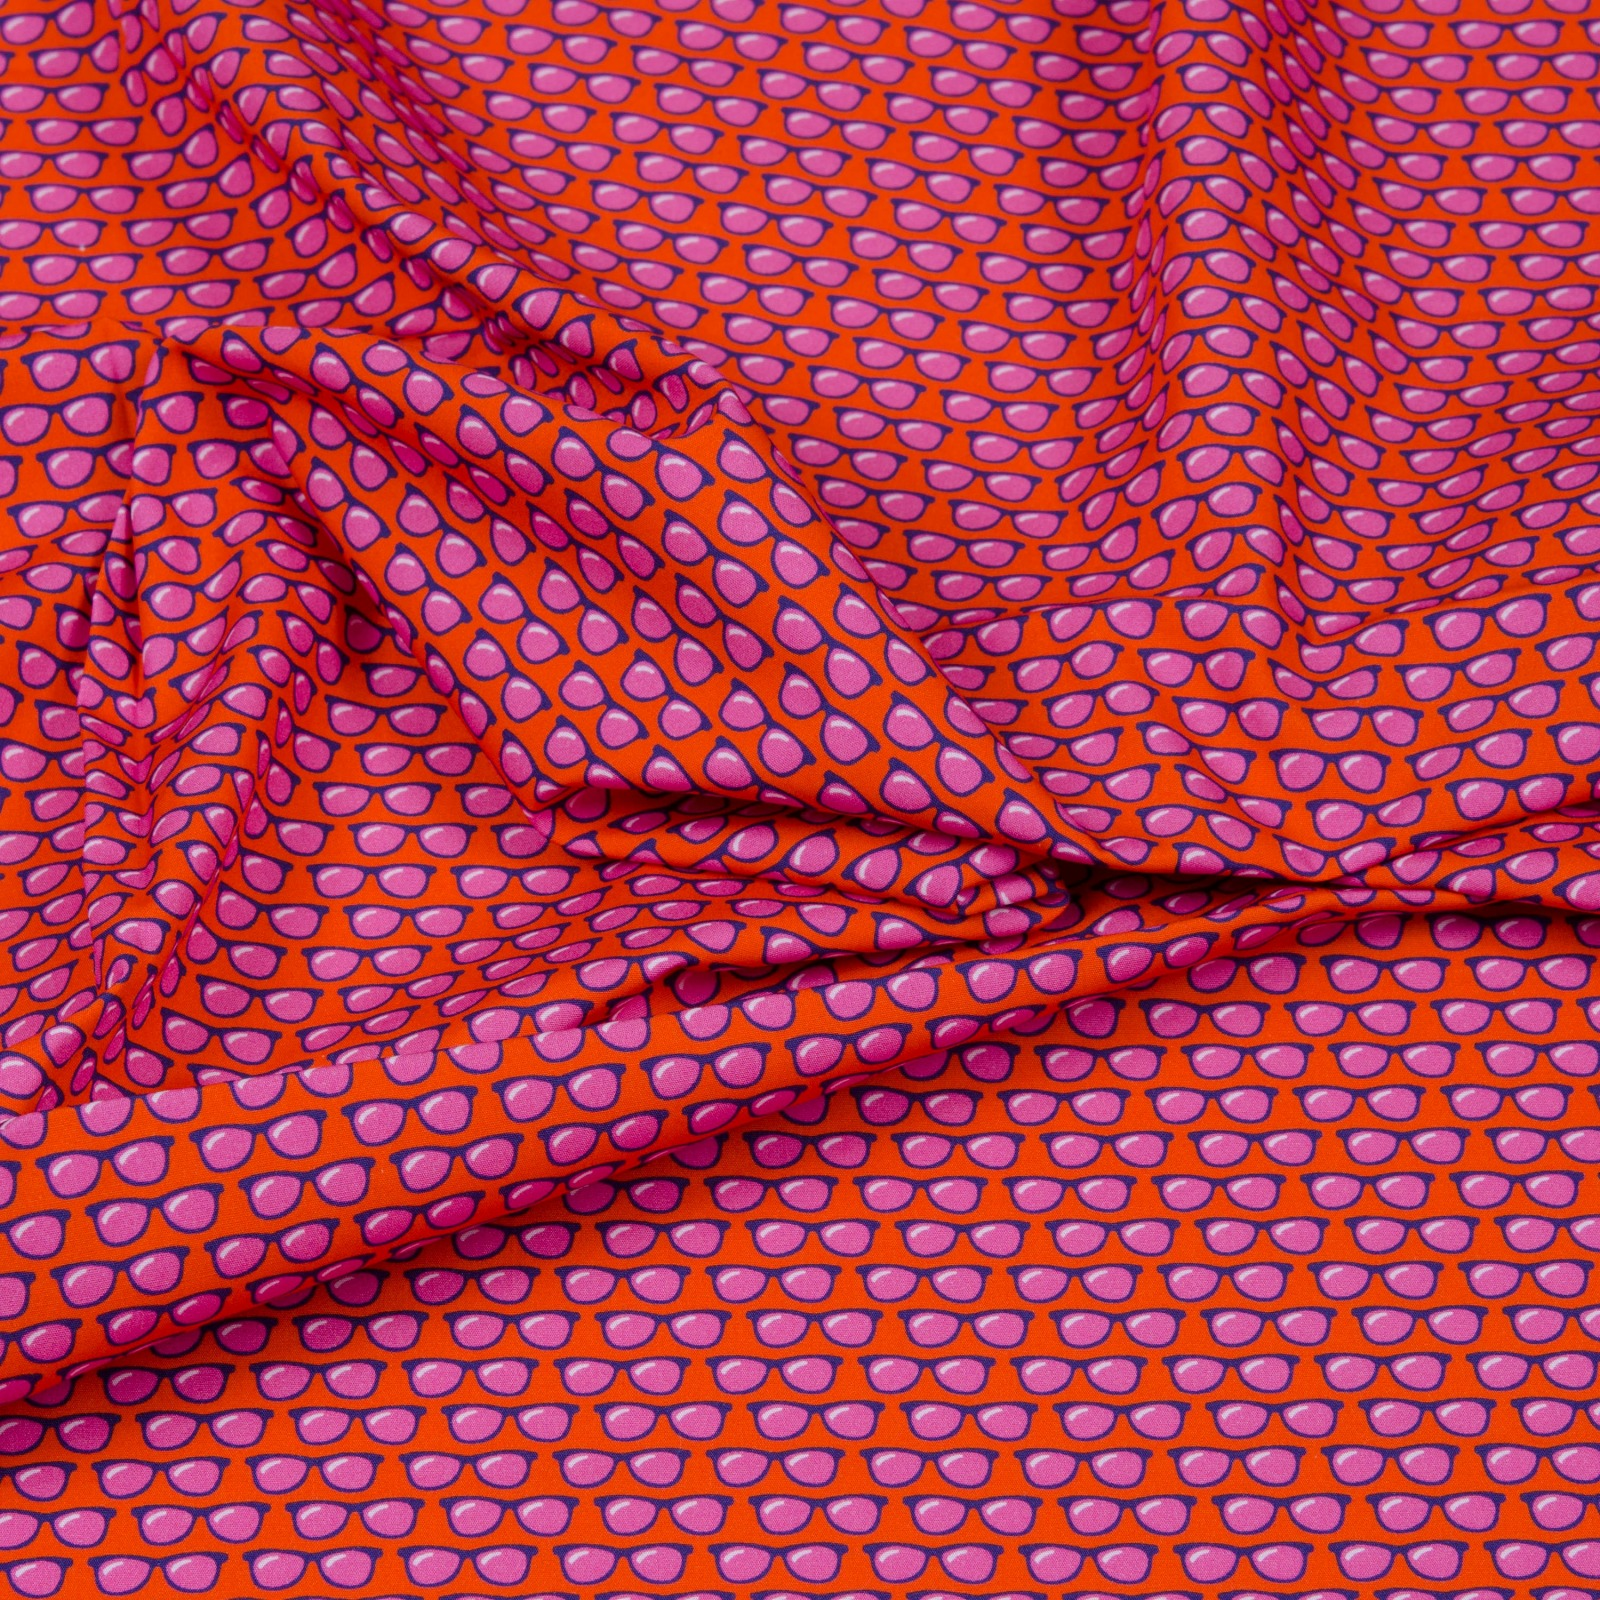 Amore sole Mio Popeline Orange By